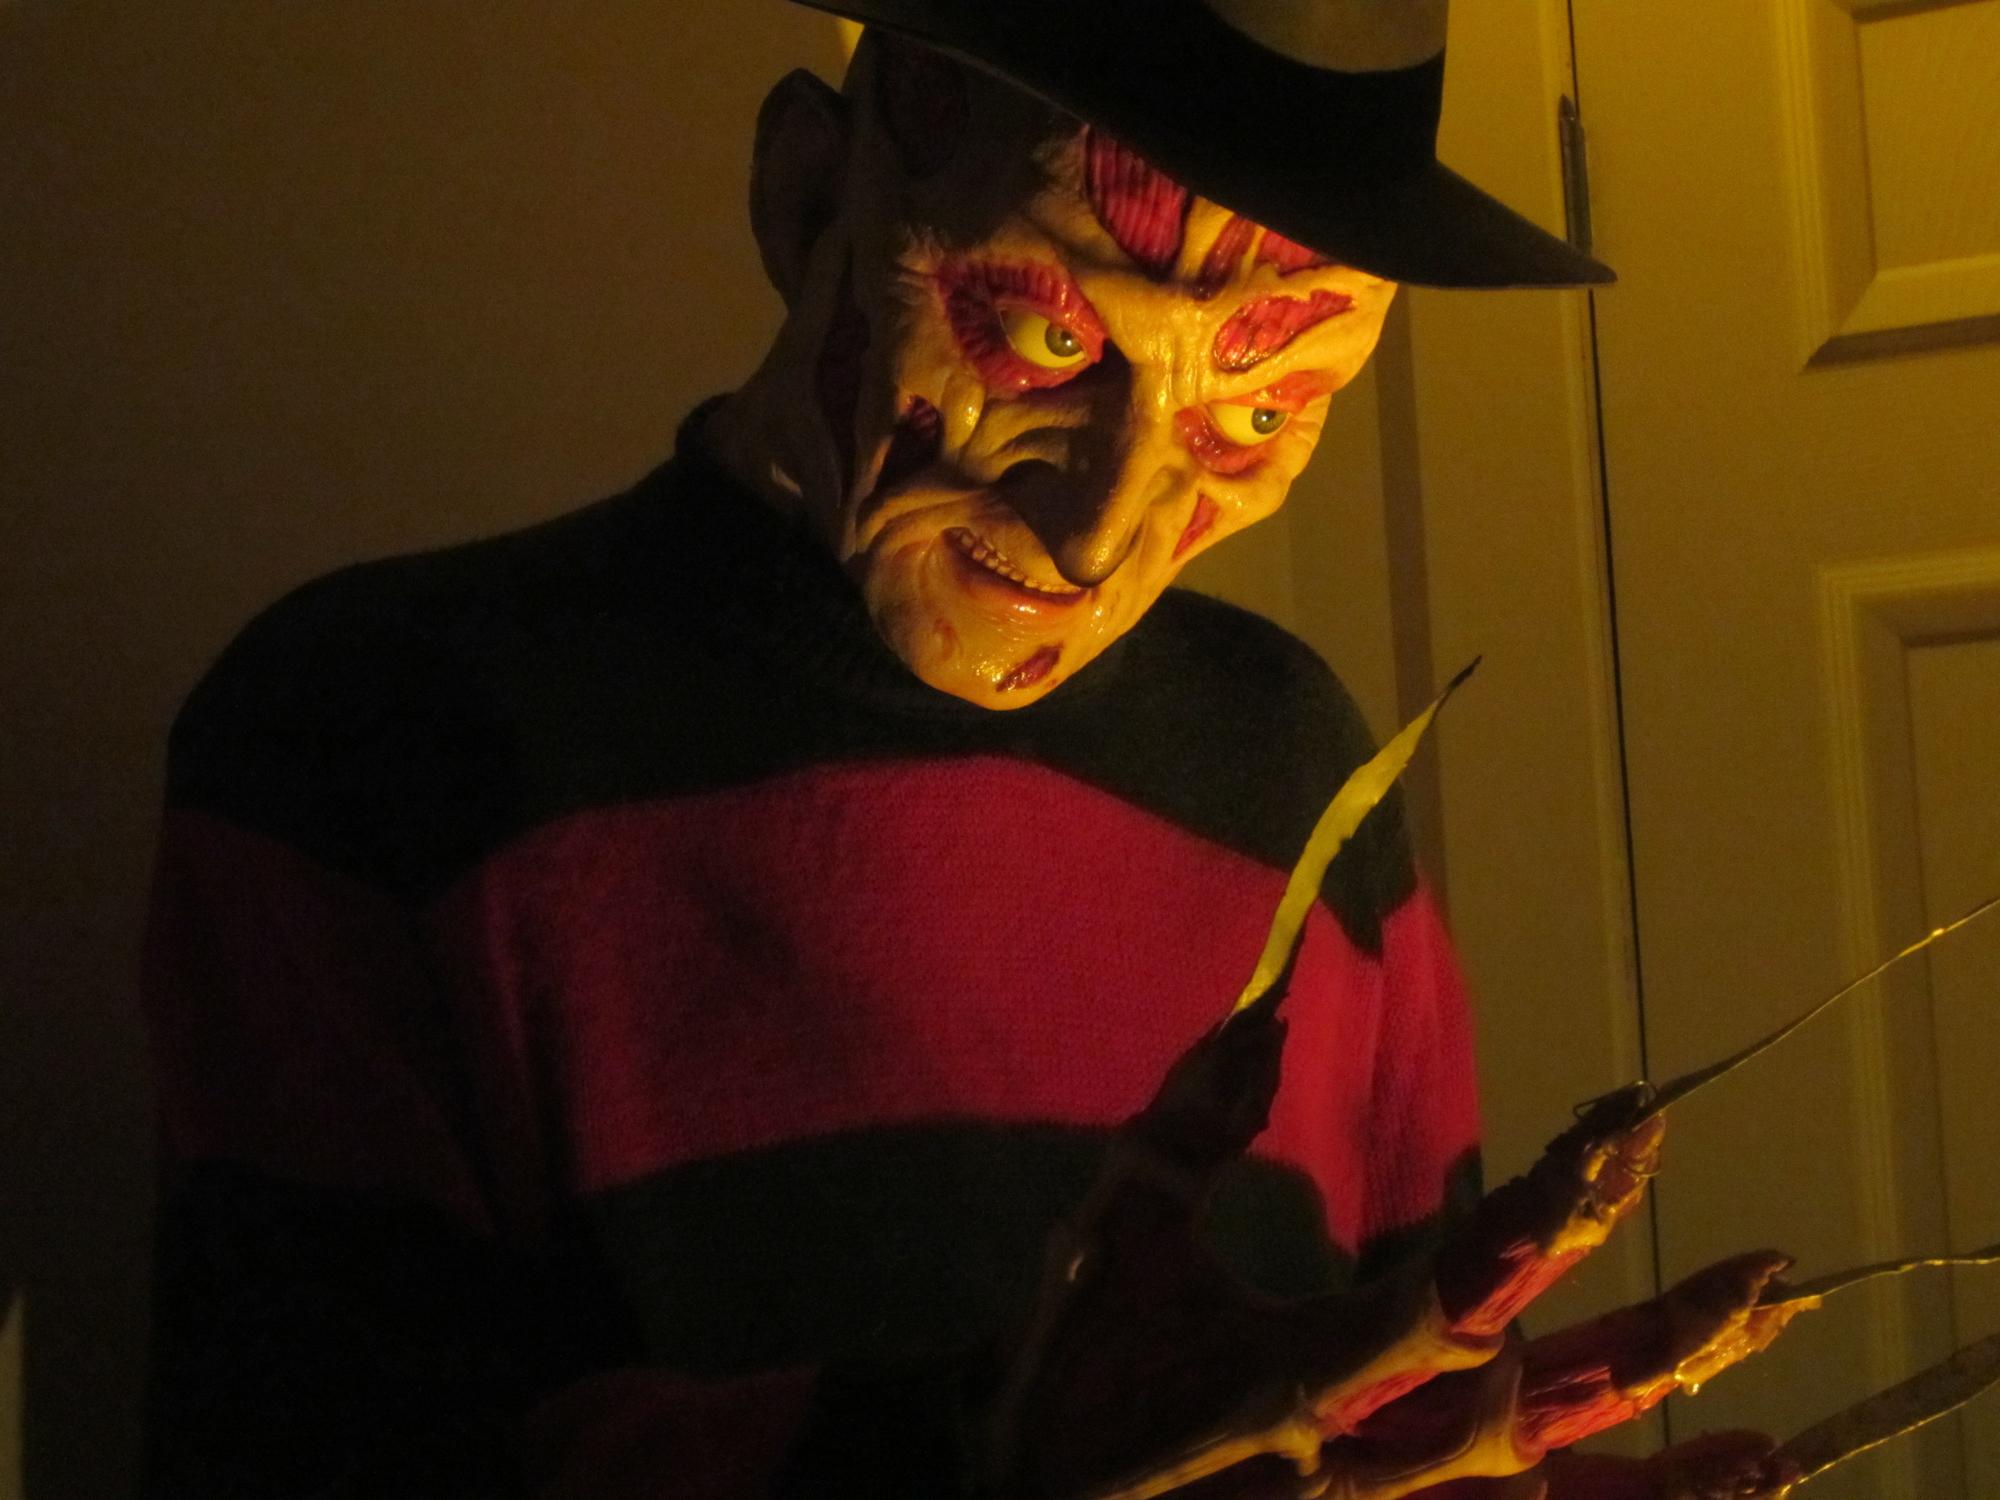 Freddy Krueger (Mortal Kombat 9) |How Did Freddy Krueger Die